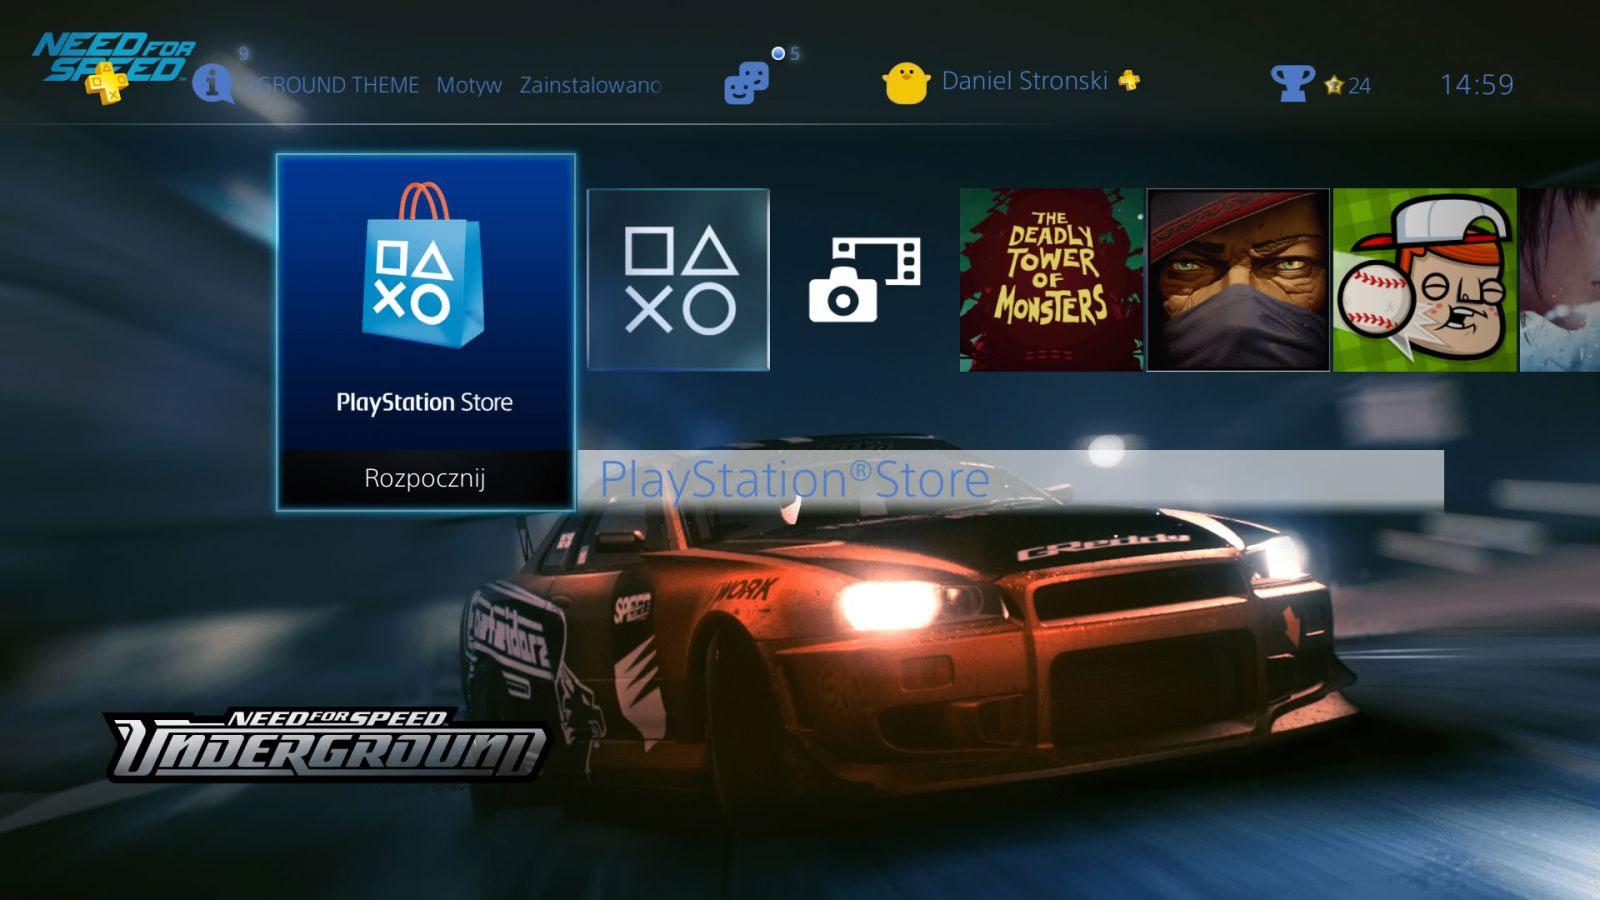 NFS: Underground PS4 Theme